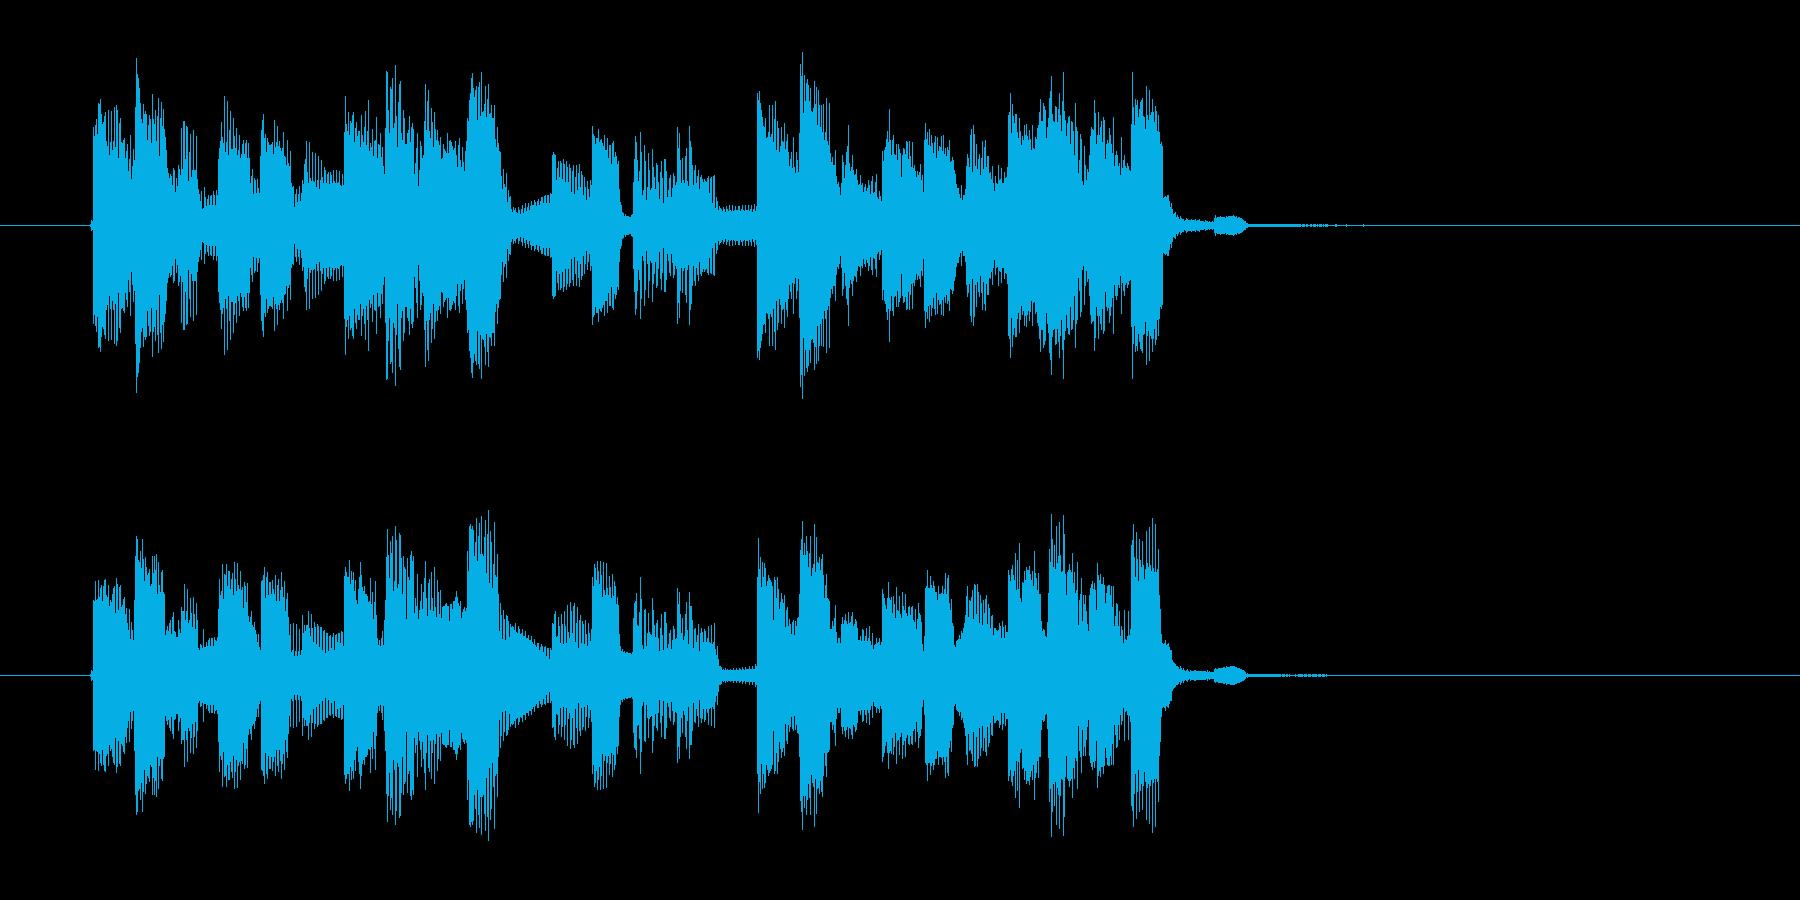 ポップで緩やかなシンセジングルの再生済みの波形